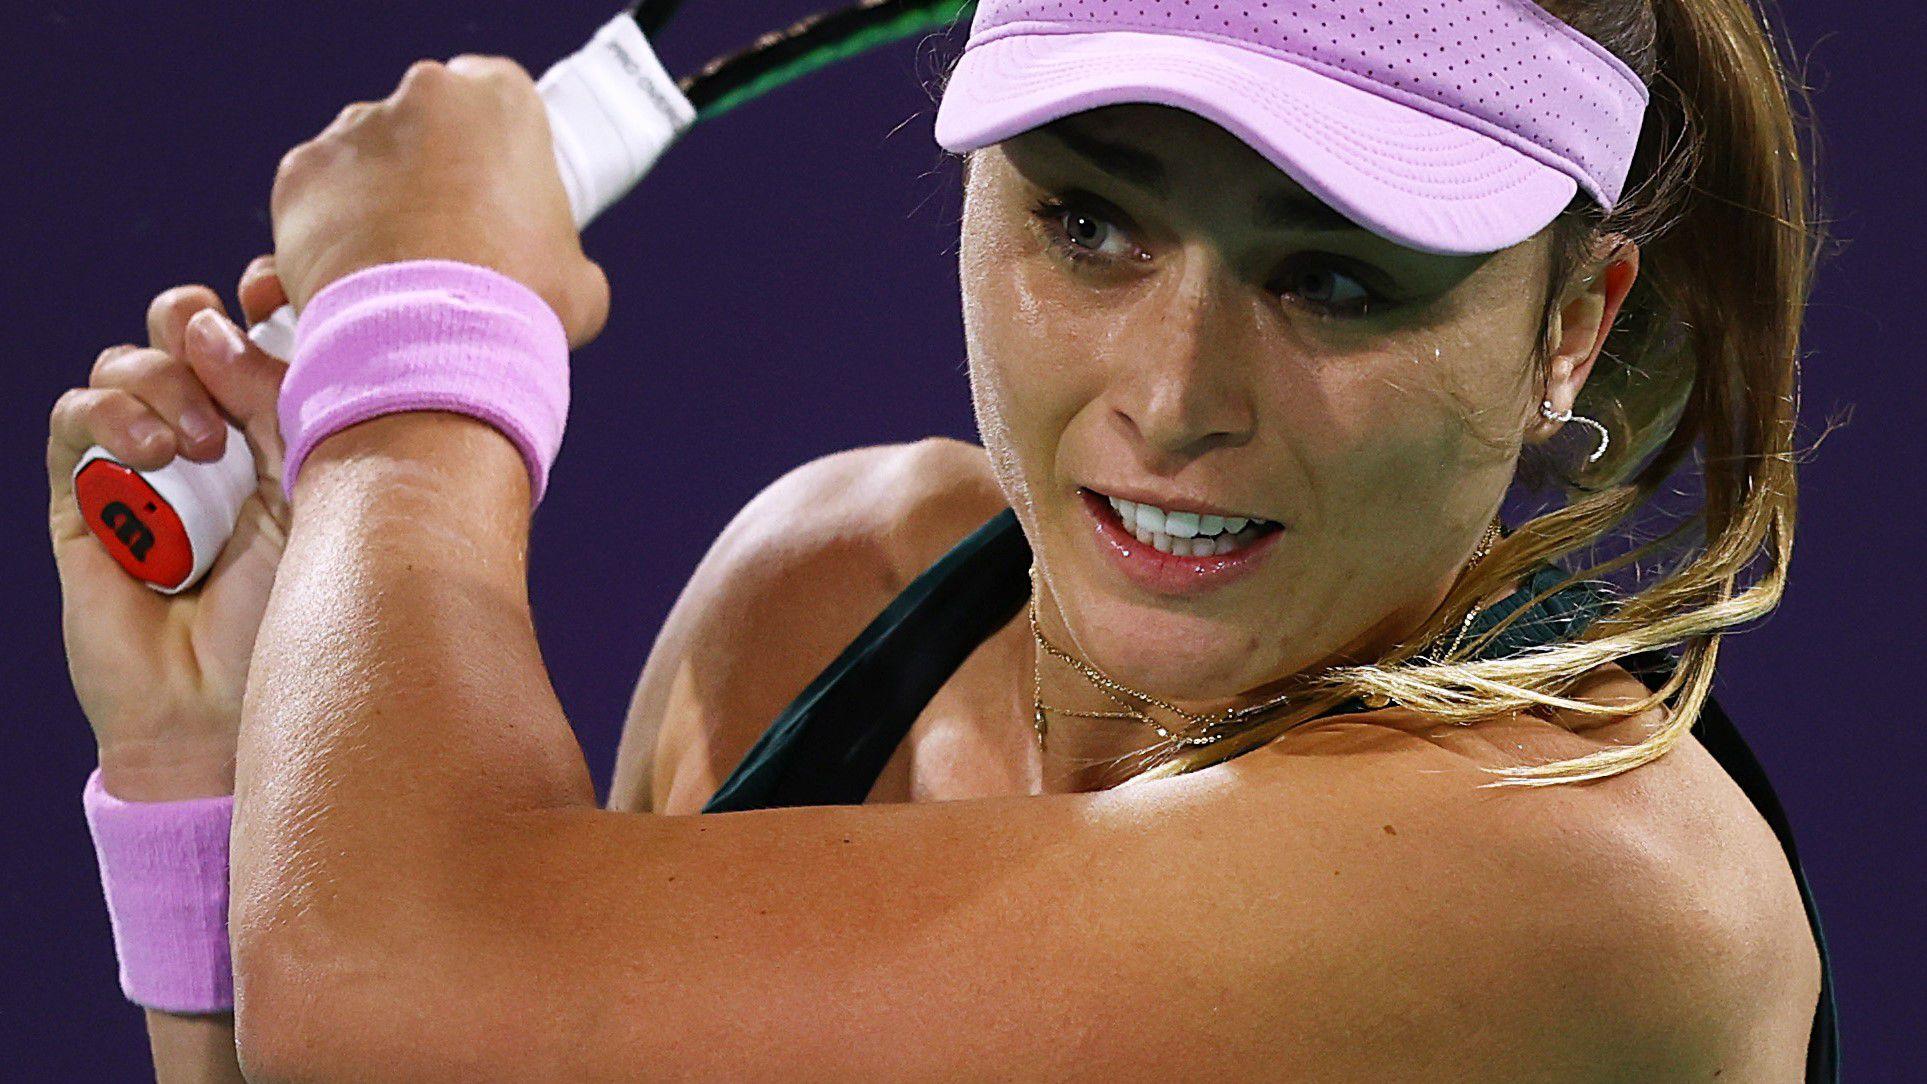 COVID-hit Australian Open player Paula Badosa complains she has been 'abandoned'